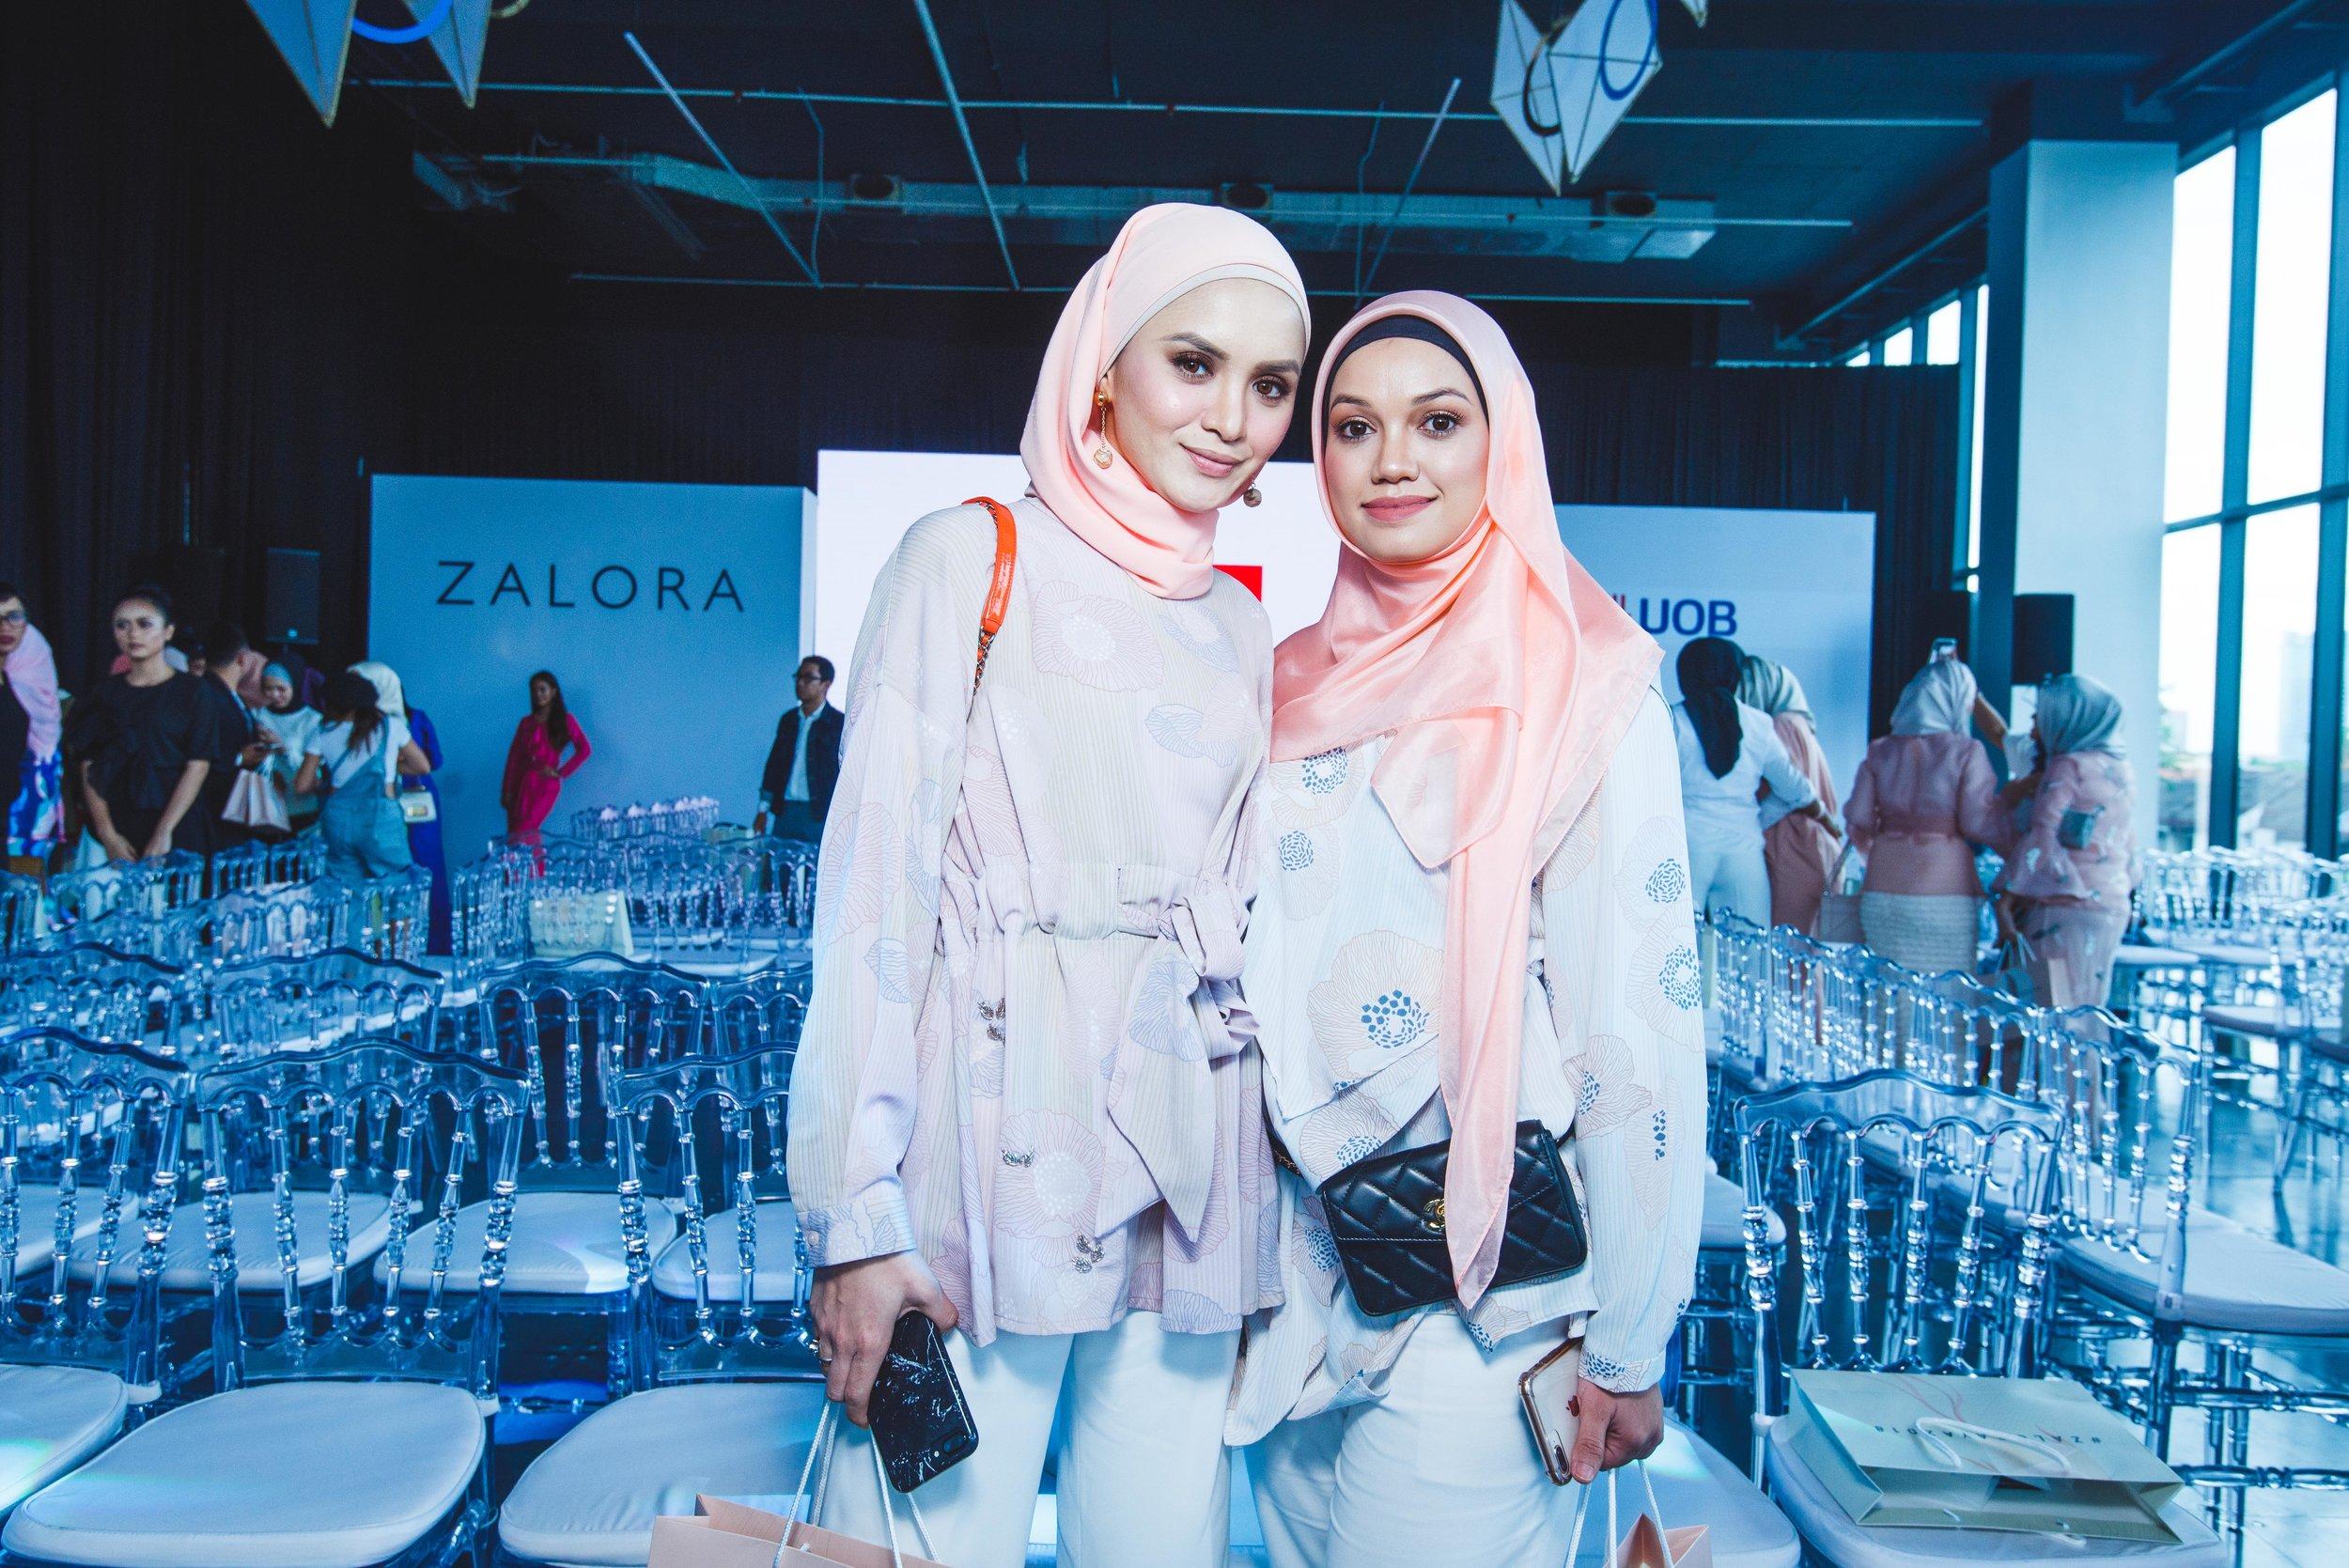 Zalora Raya 2018  - PPS_9894 - Photo by Saufi Nadzri.jpg